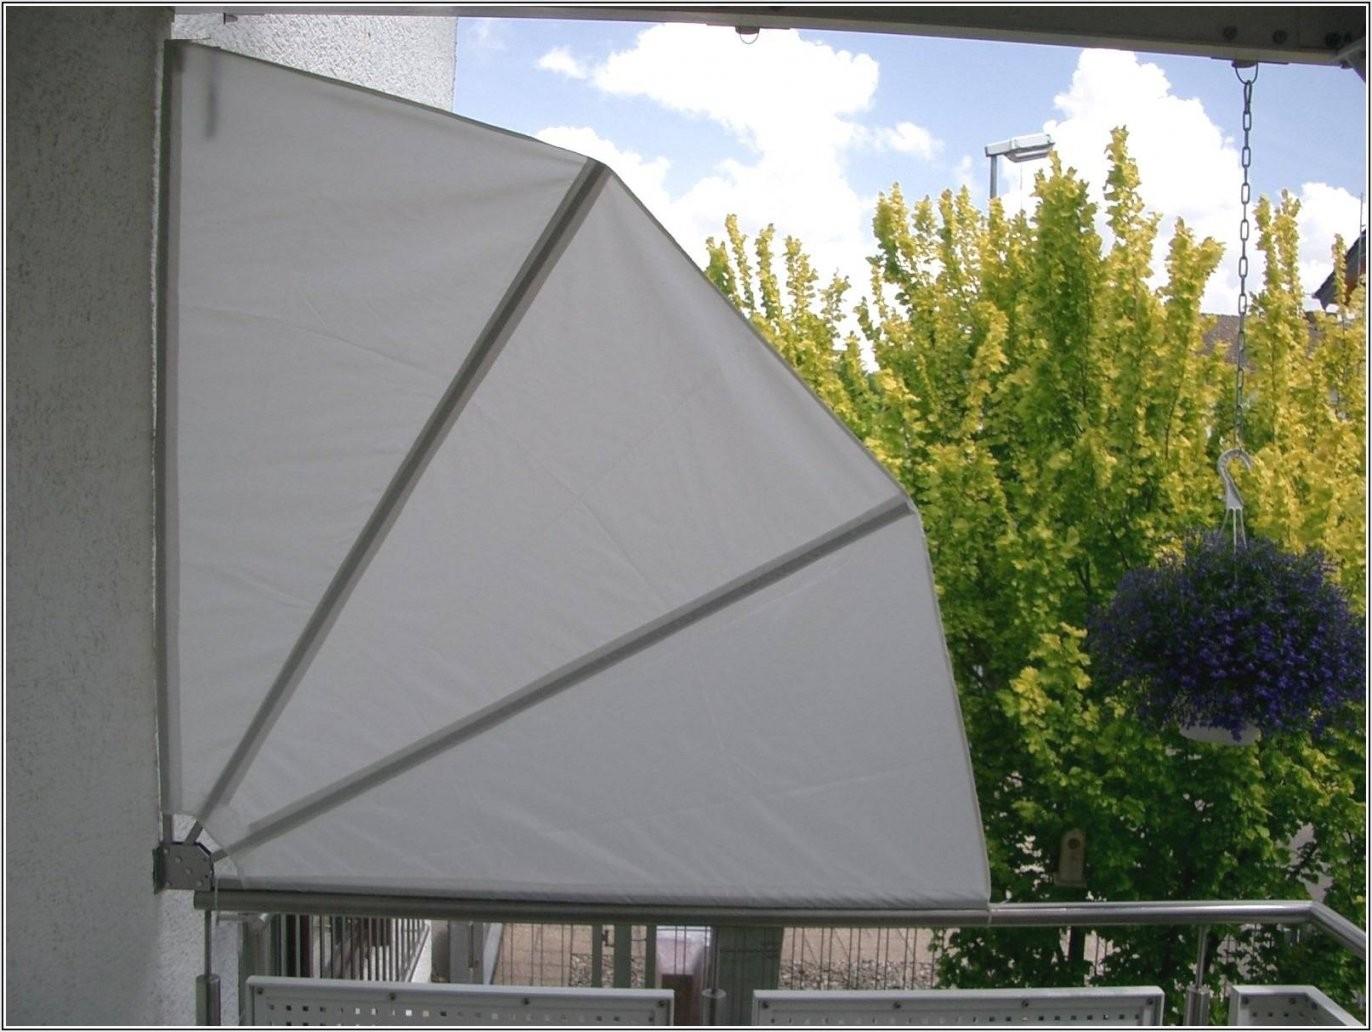 30 Einzigartig Seitensichtschutz Balkon Ohne Bohren Konzept  Garten von Seiten Sichtschutz Balkon Ohne Bohren Photo